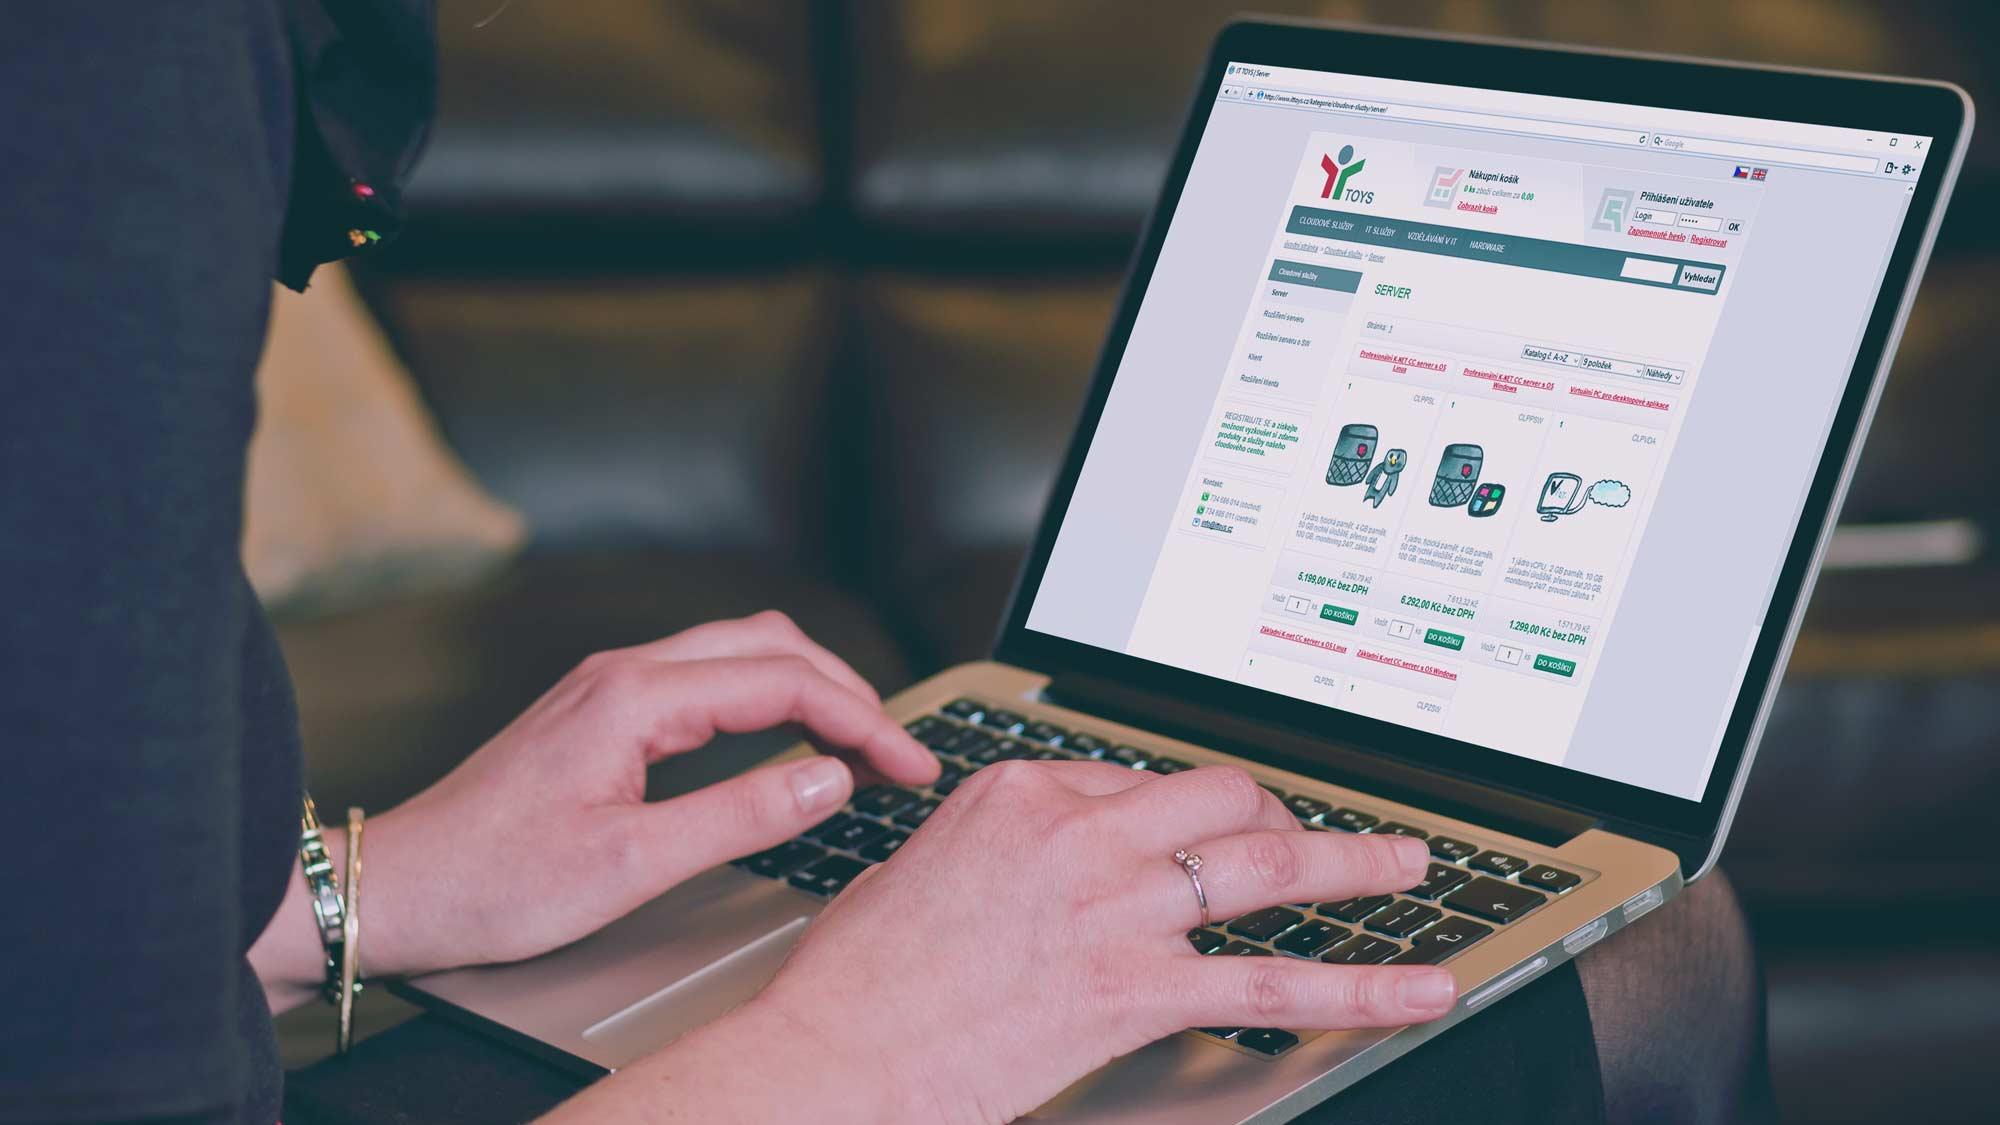 žena surfující po internetovém obchodě K-net